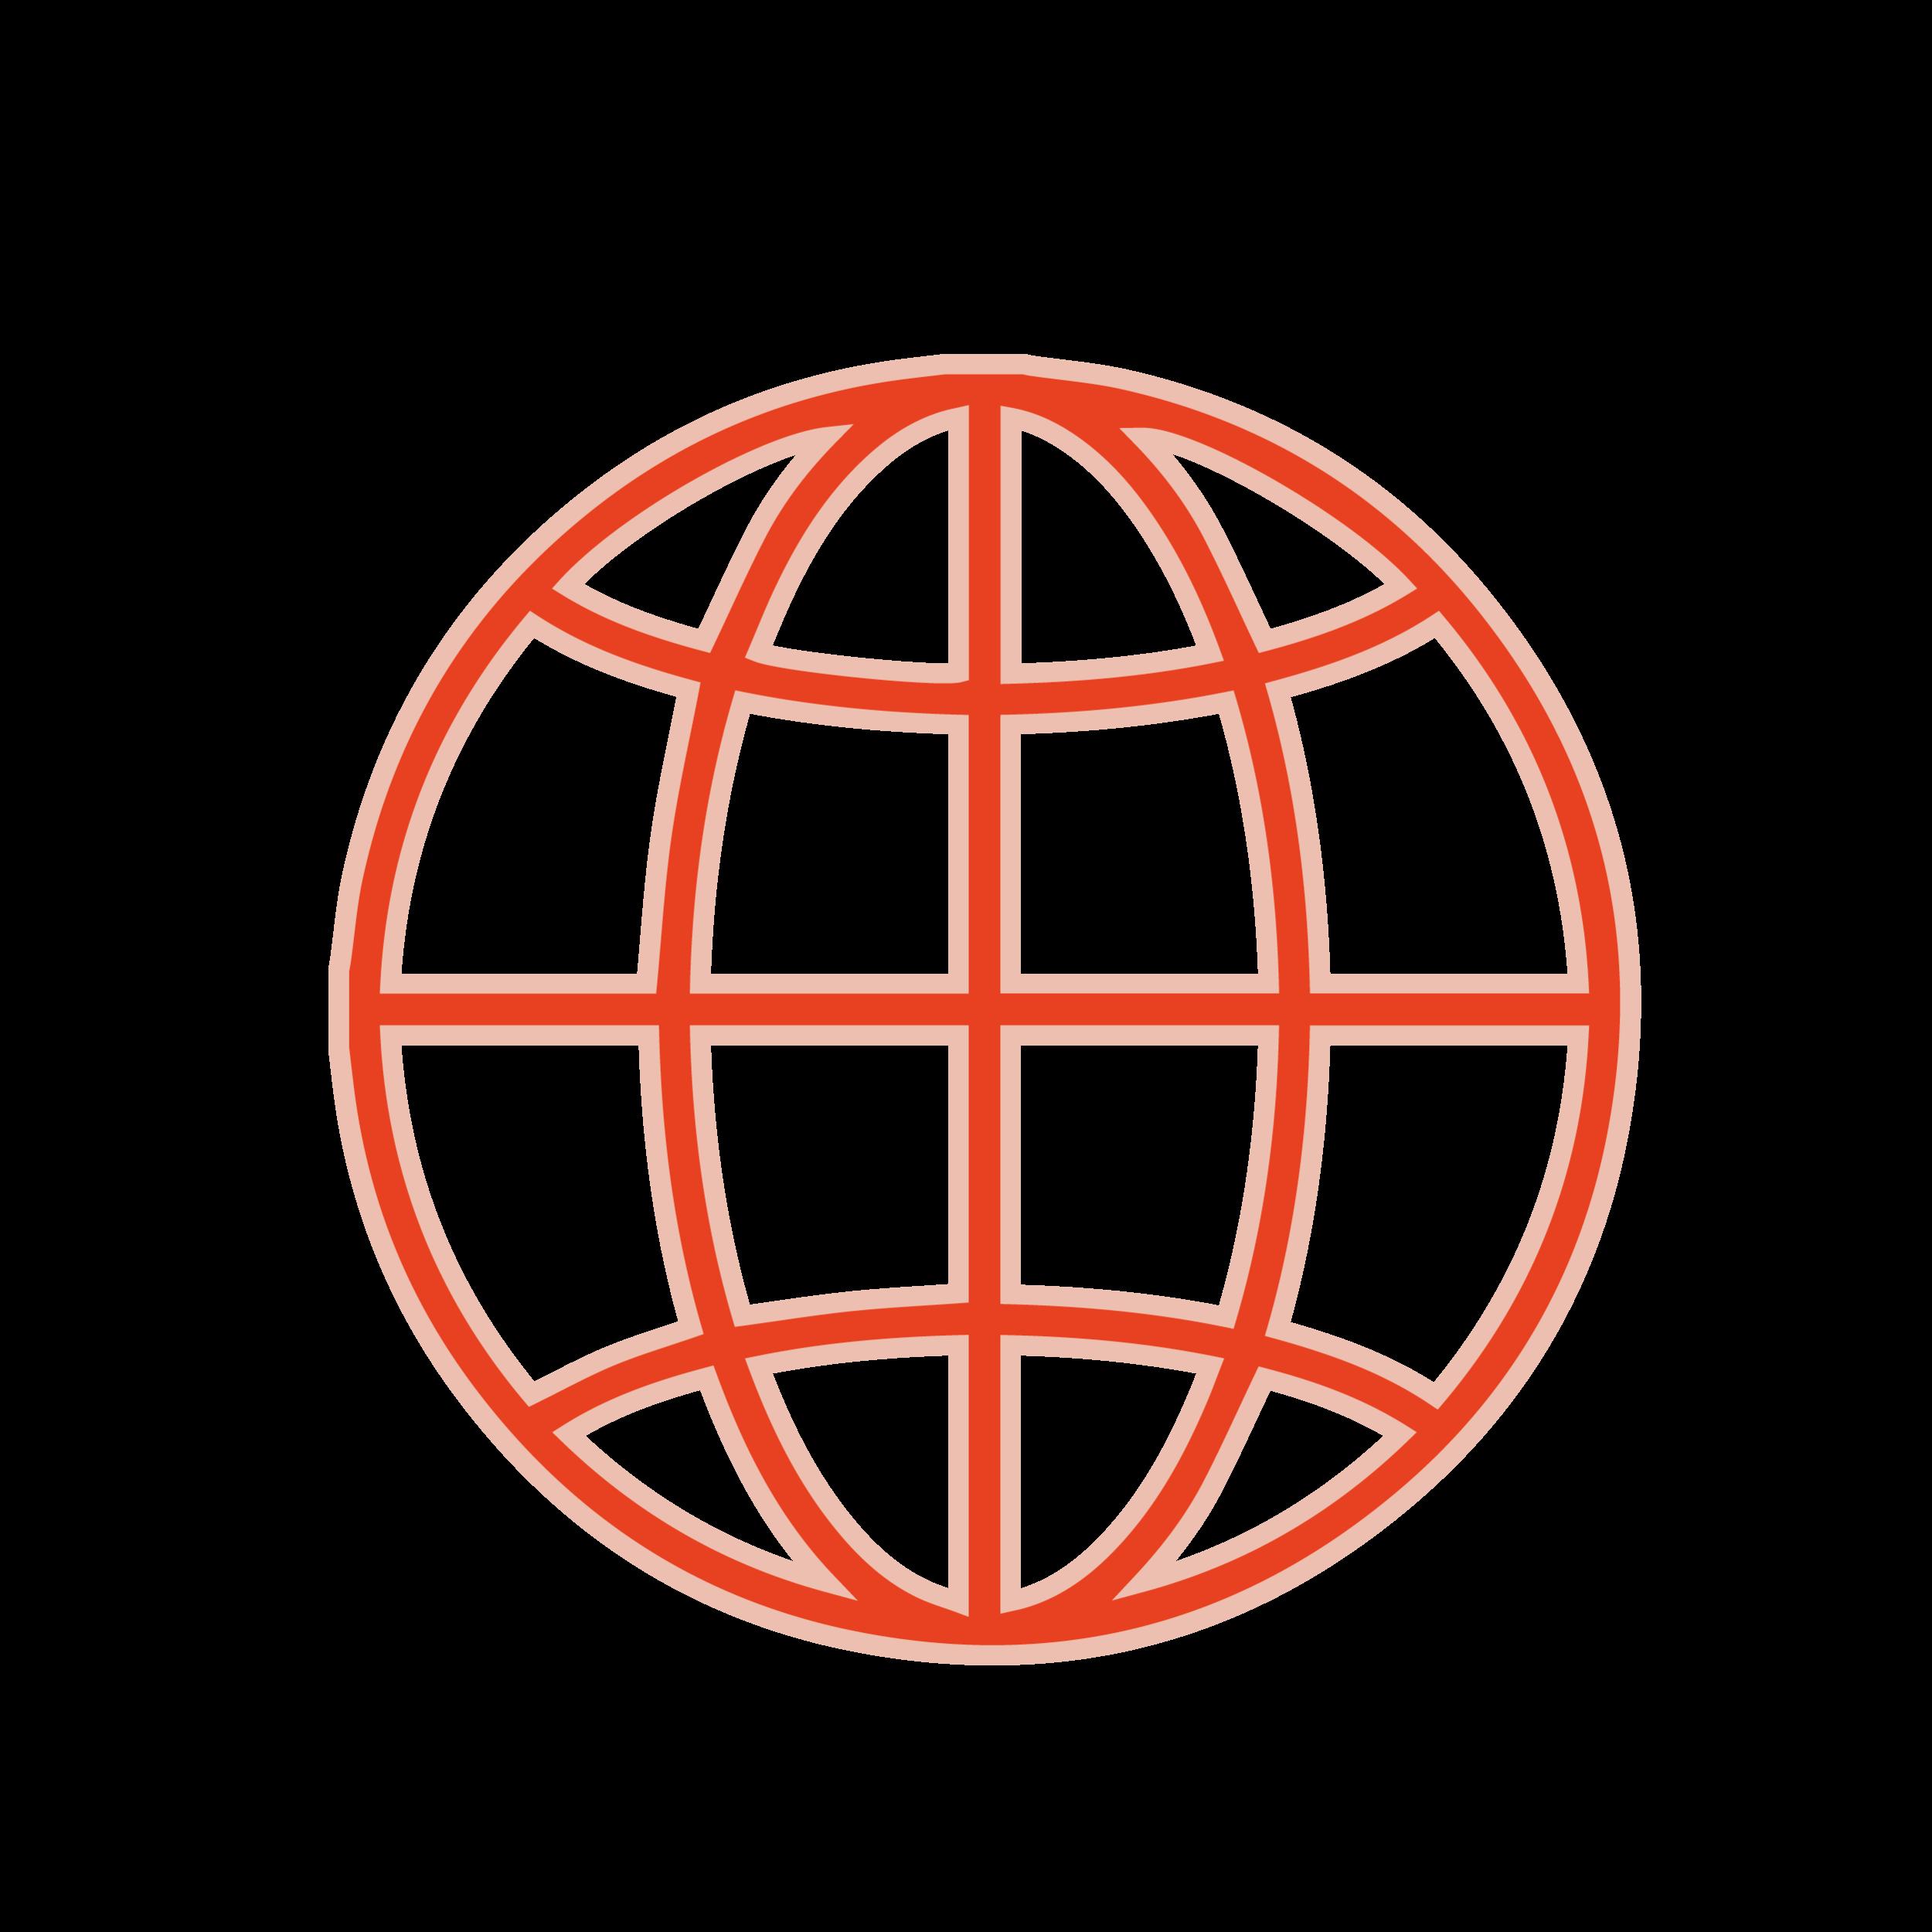 4.   L'entreprise doit avoir un impact social positif et œuvrer dans les sphères suivantes : économie sociale, économie circulaire et/ou développement durable.